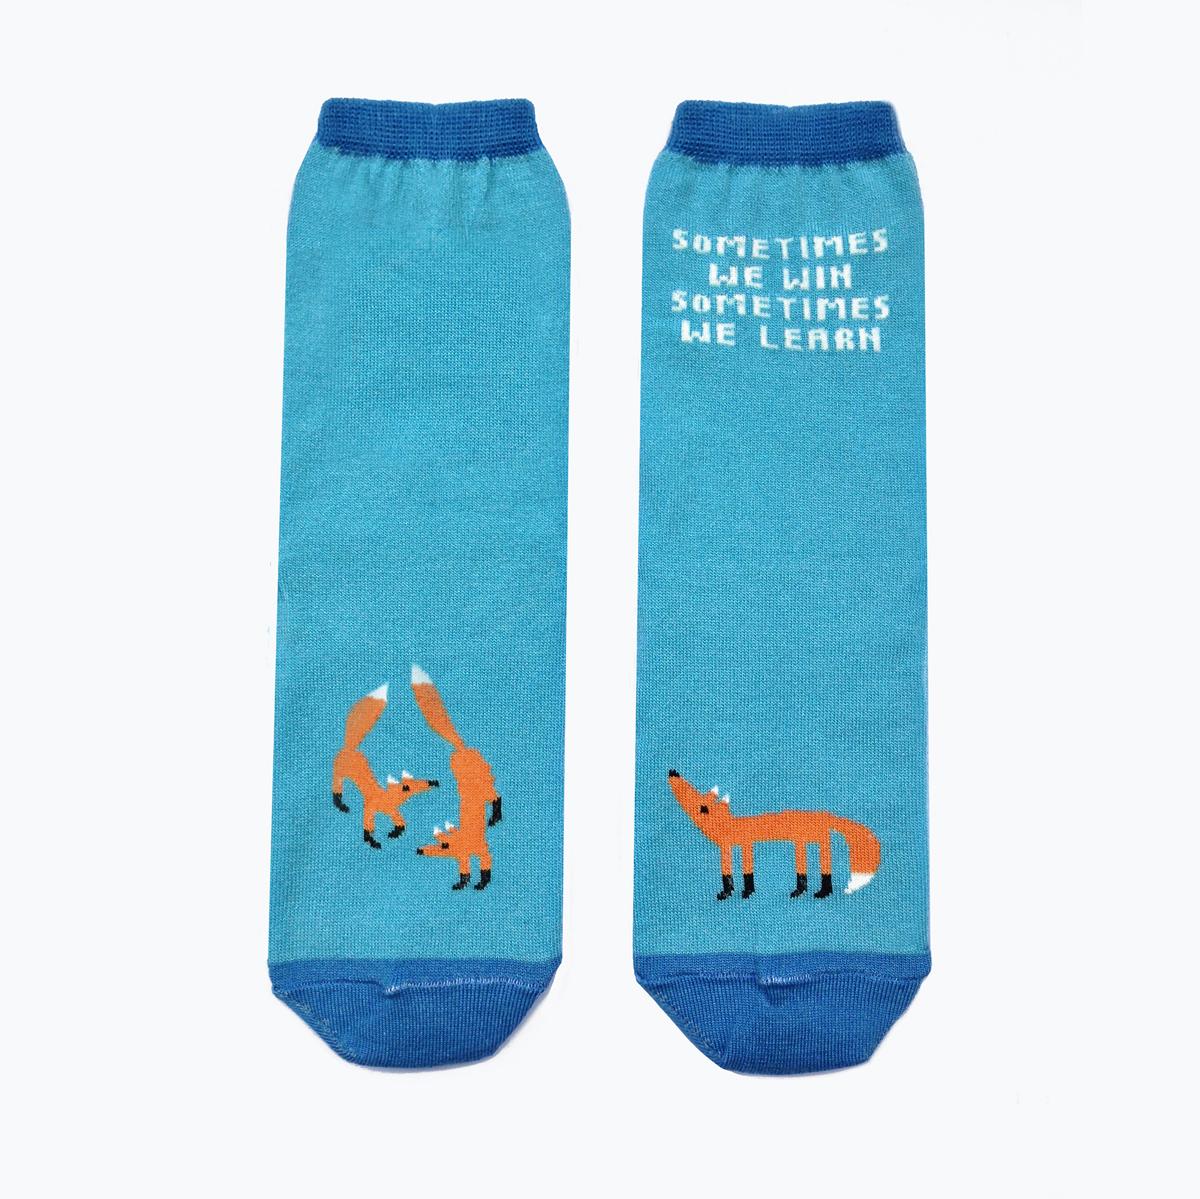 Носкиca1131Мужские носки Big Bang Socks изготовлены из высококачественного хлопка с добавлением полиамидных и эластановых волокон, которые обеспечивают великолепную посадку. Носки отличаются ярким стильным дизайном, они оформлены изображением лисичек и надписью: Sometimes we win sometimes we learn. Удобная широкая резинка идеально облегает ногу и не пережимает сосуды, усиленные пятка и мысок повышают износоустойчивость носка, а удлиненный паголенок придает более эстетичный вид. Дизайнерские носки Big Bang Socks - яркая деталь в вашем образе и оригинальный подарок для друзей и близких.